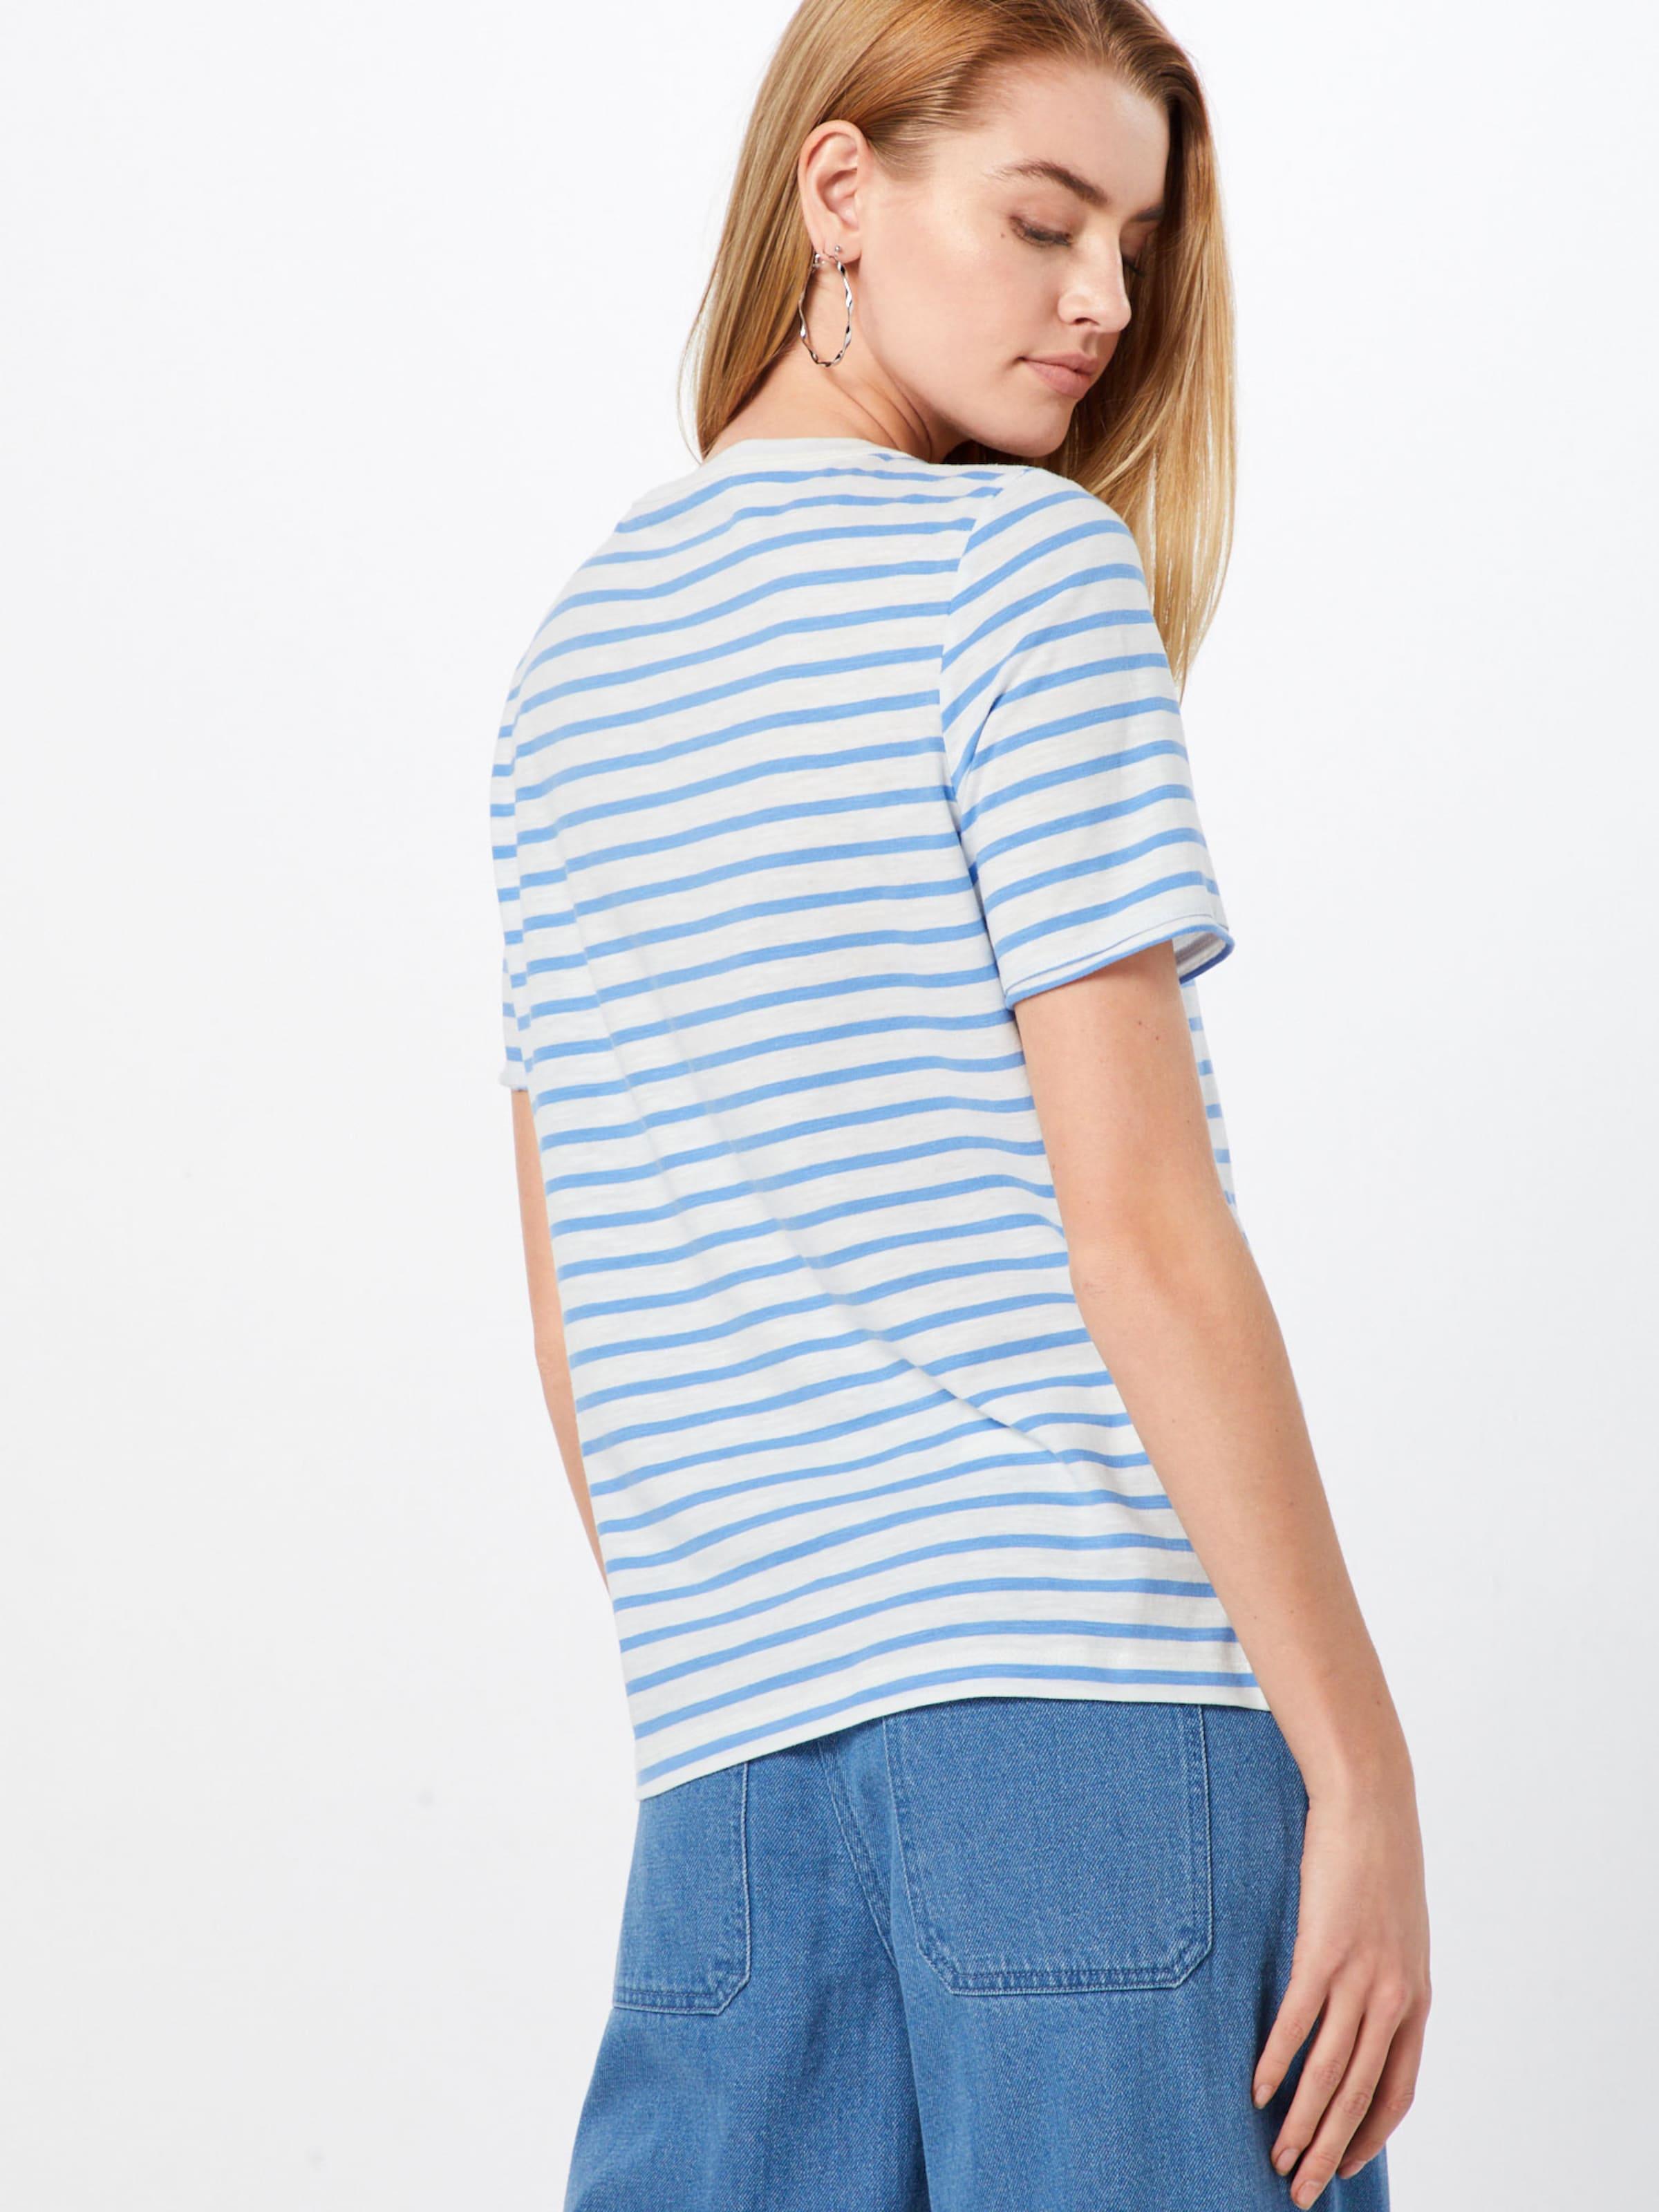 shirt En Tailor T 'toni Tom X Tom' BleuBlanc RAc53jLq4